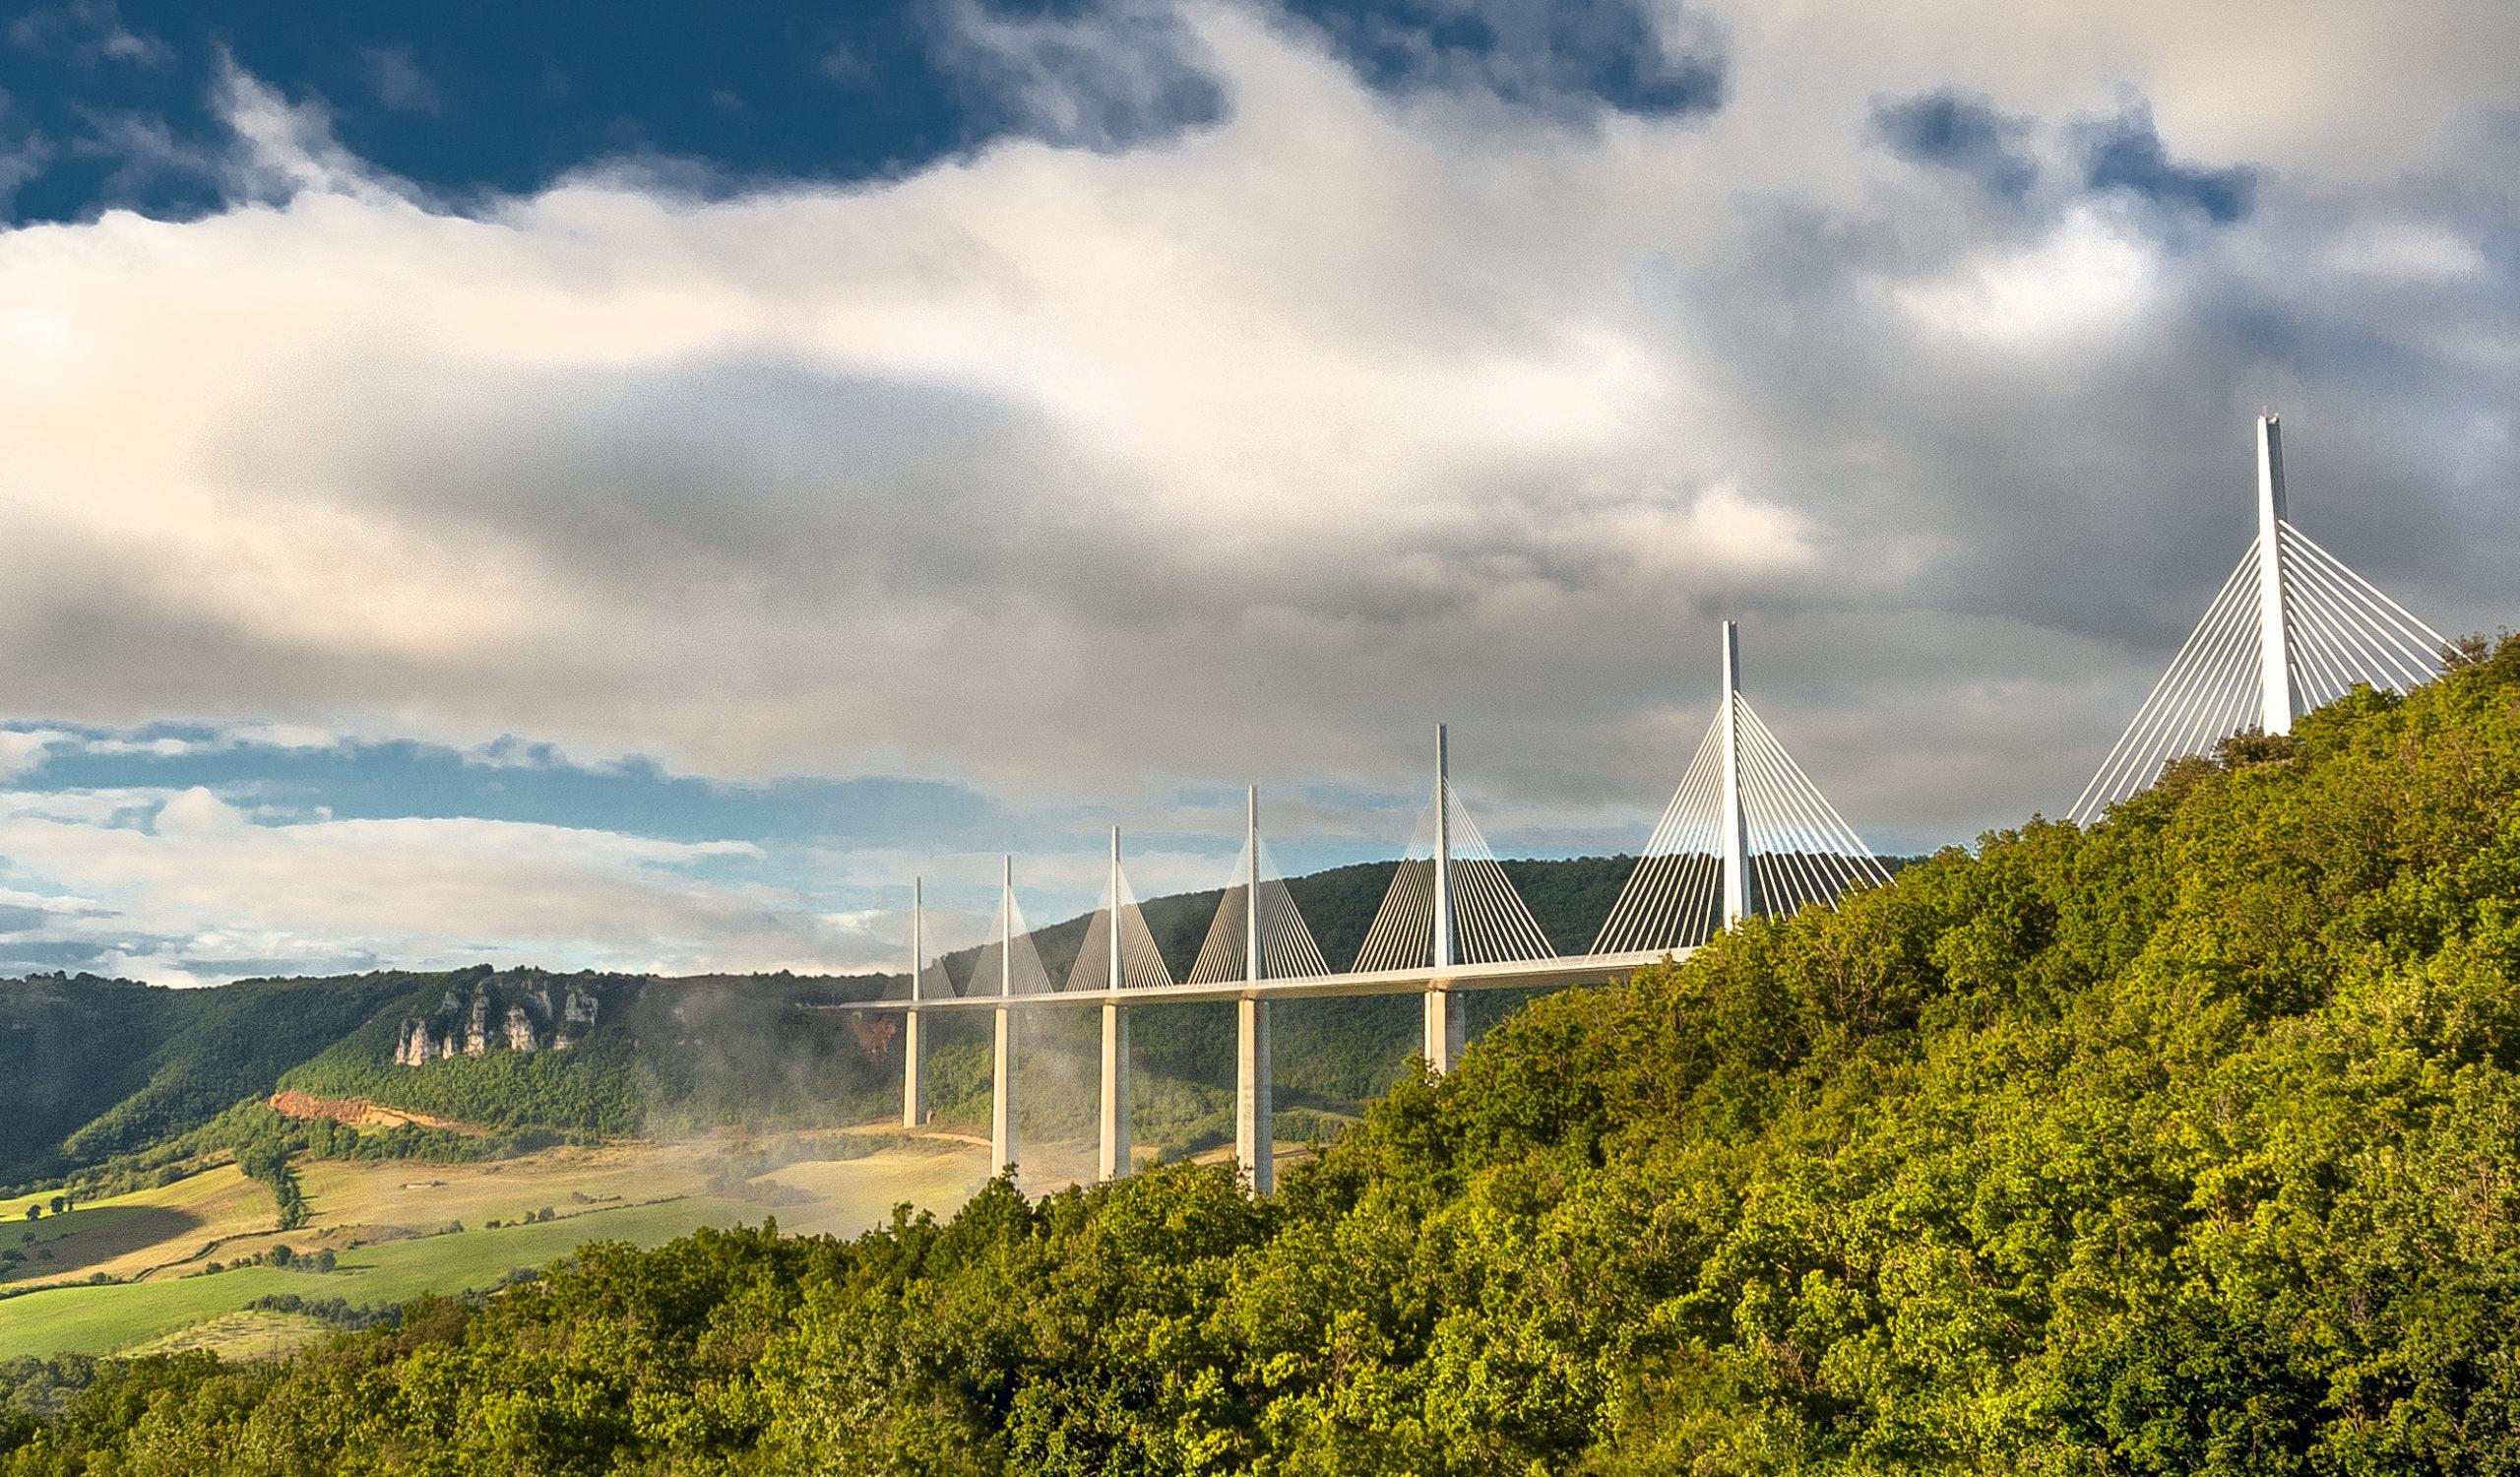 Das Viadukt von Millau. Foto: Hilke Maunder